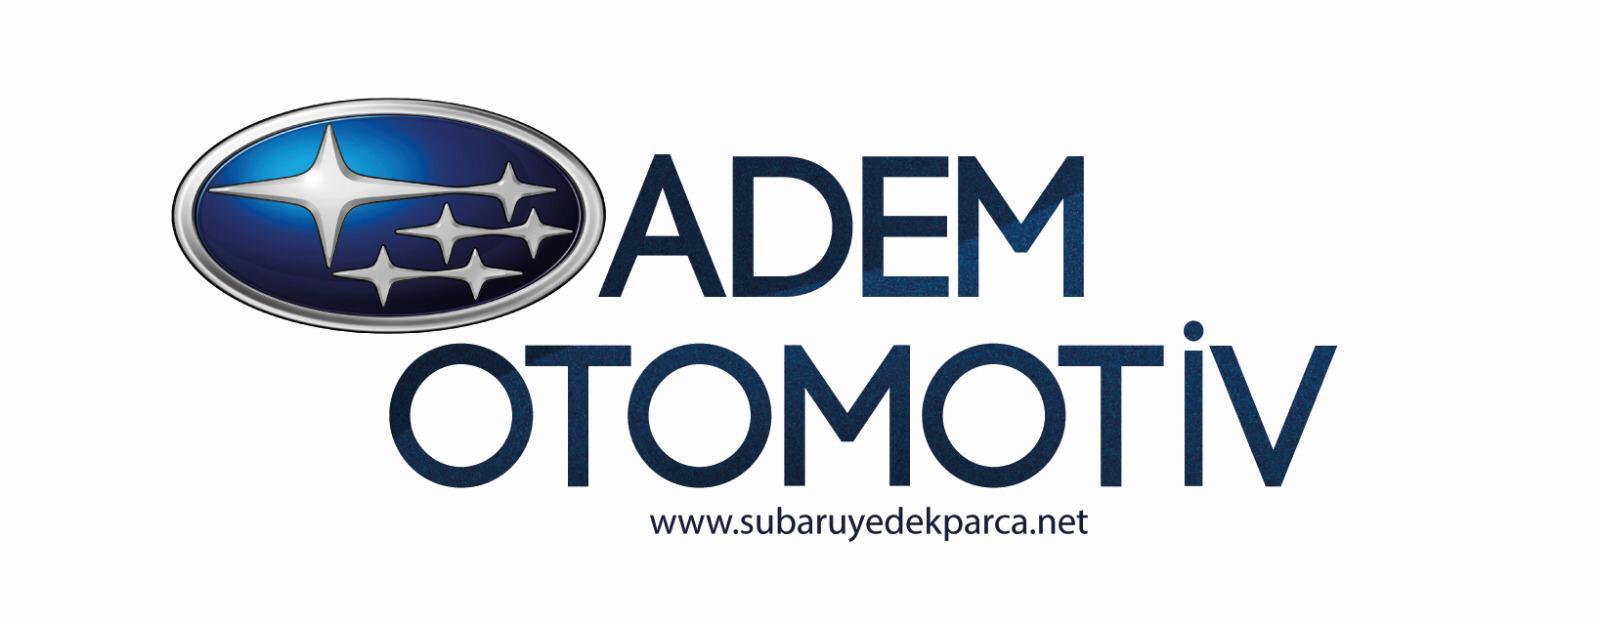 subaruyedekparca.net Adem otomotiv Subaru yedek parça 0212 612 06 05